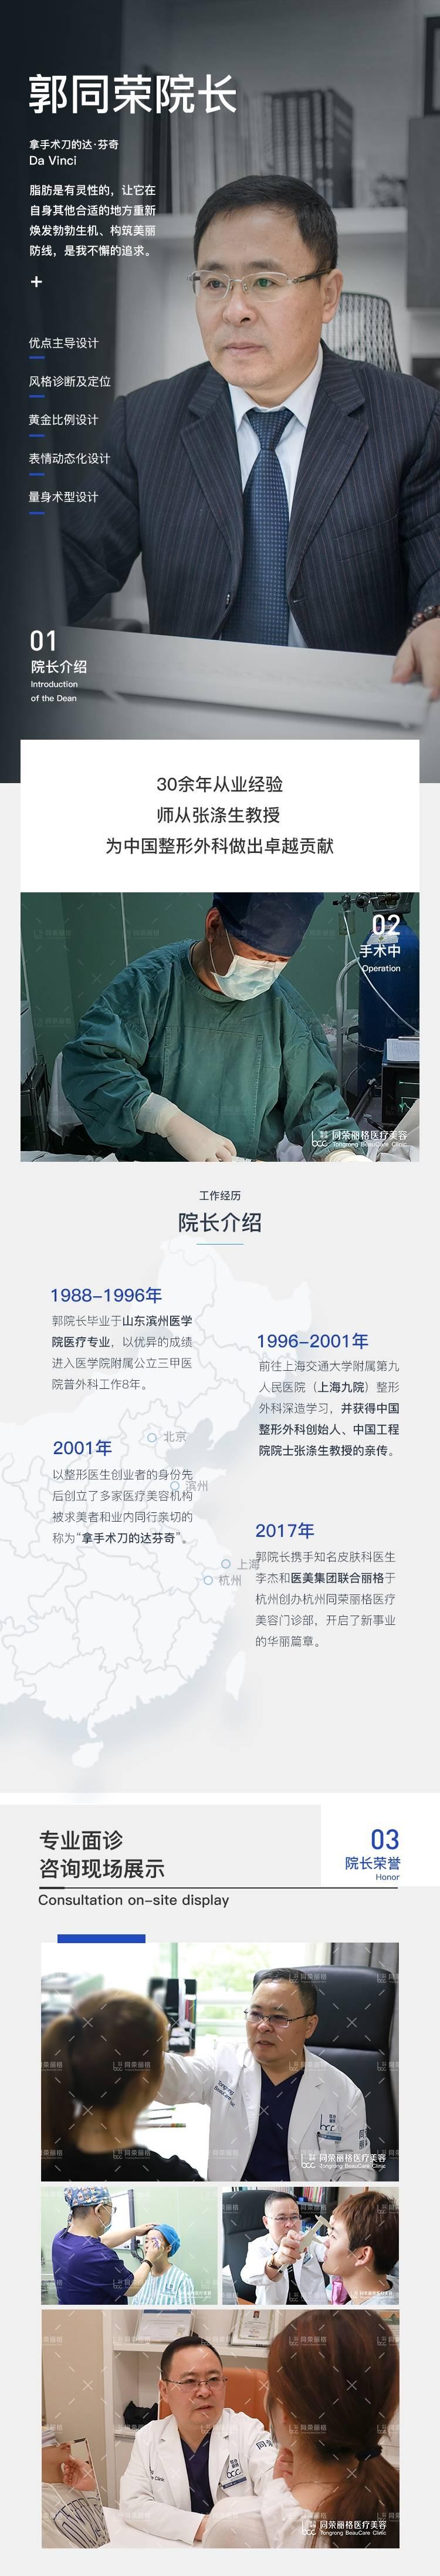 郭同荣医生